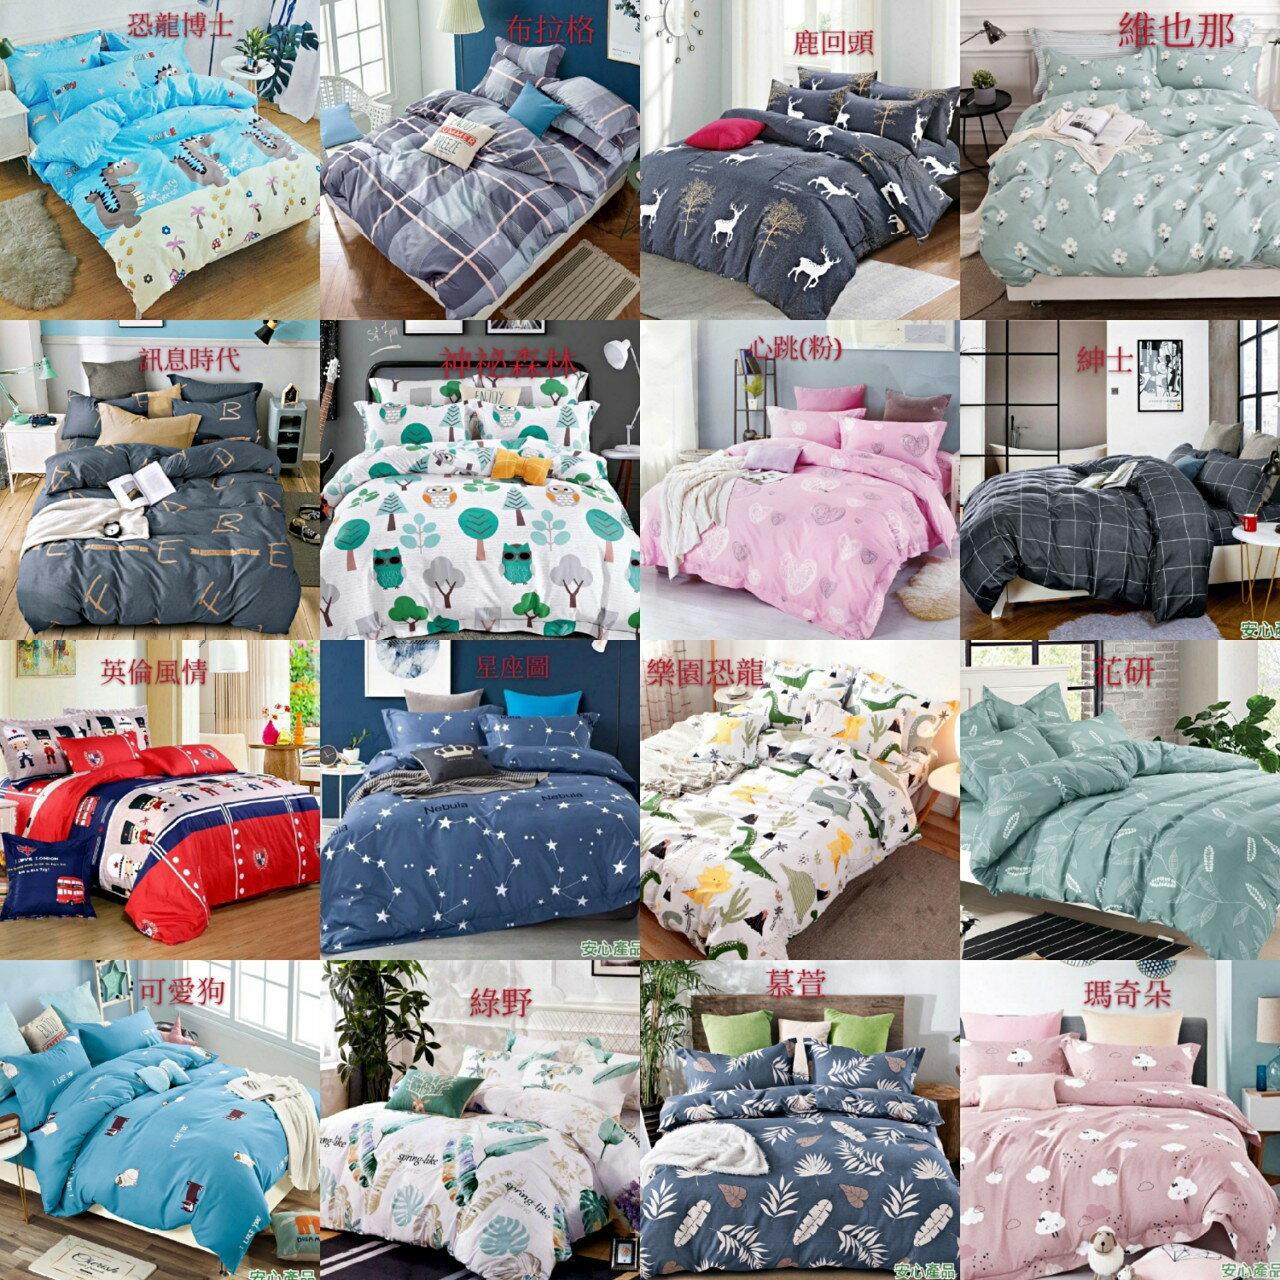 台灣製 多款任選 現貨 床包組 / 鋪棉二用被床包組 / 單人 / 雙人 / 加大 / 特大 / 四件式床包組可搭配被套or兩用被套 2